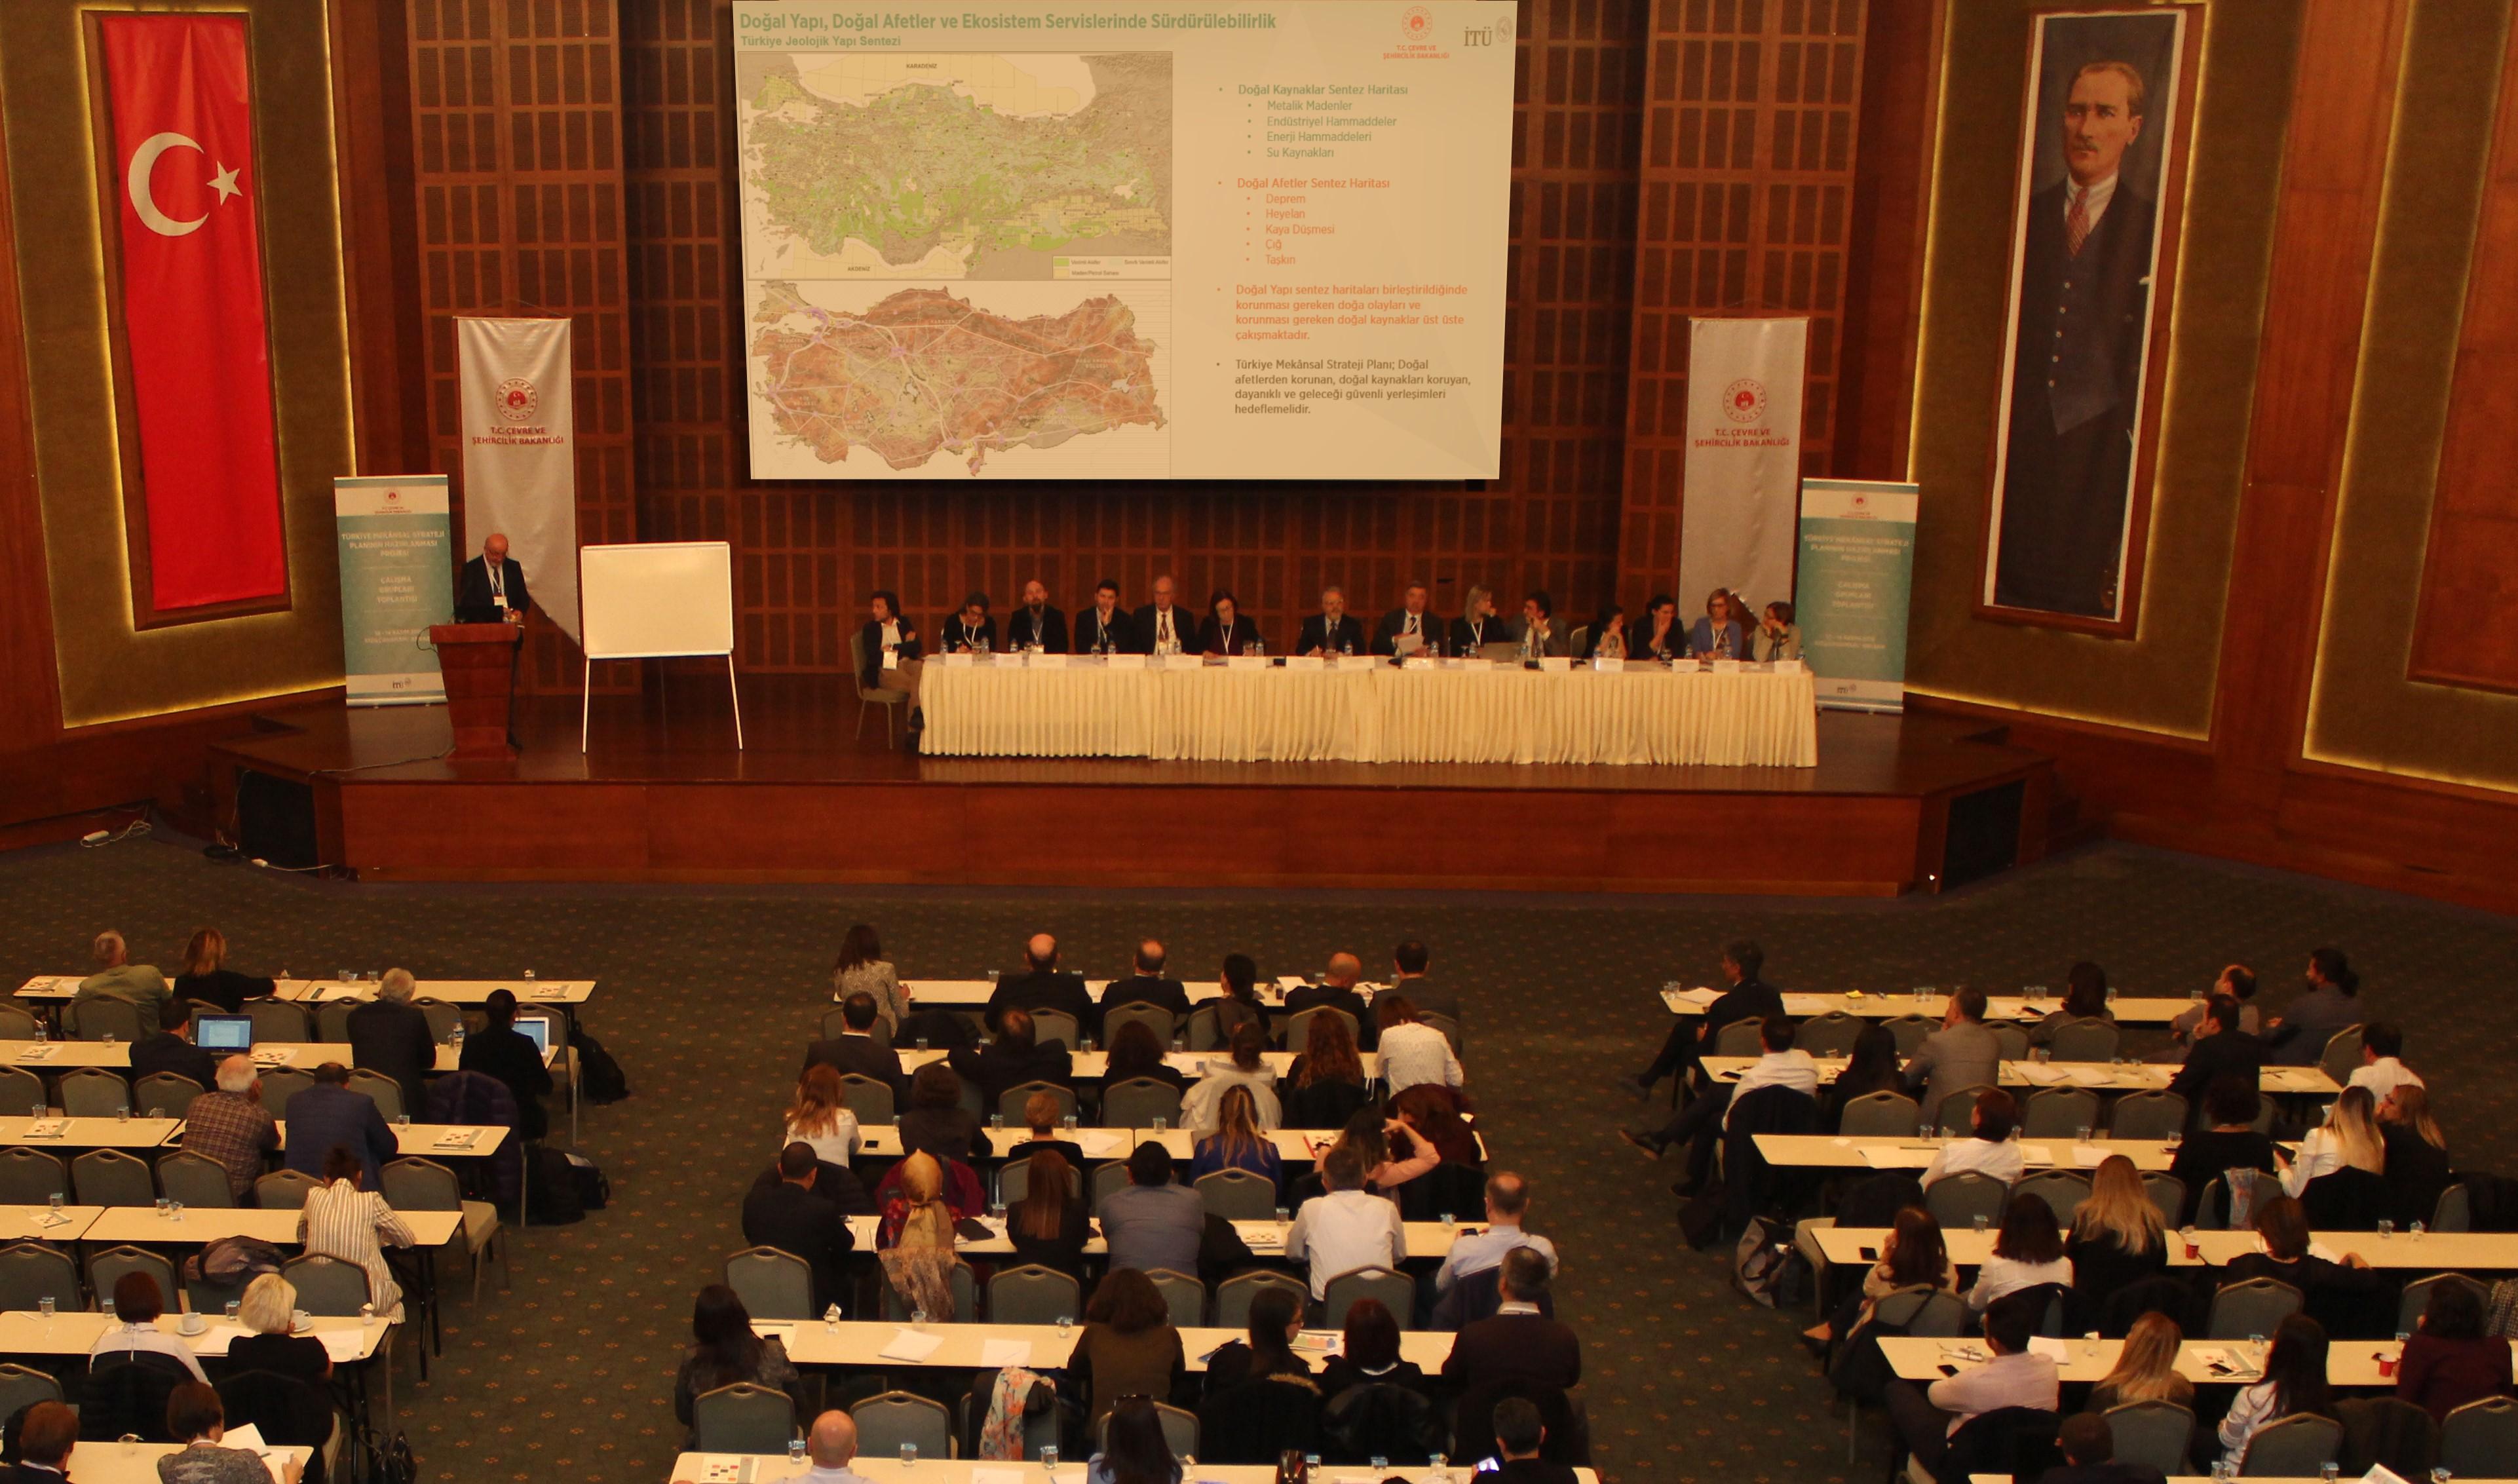 Türkiye Mekânsal Strateji Planı Çalıştayı 13-14 Kasım tarihlerinde Kızılcahamam'da gerçekleştirildi.